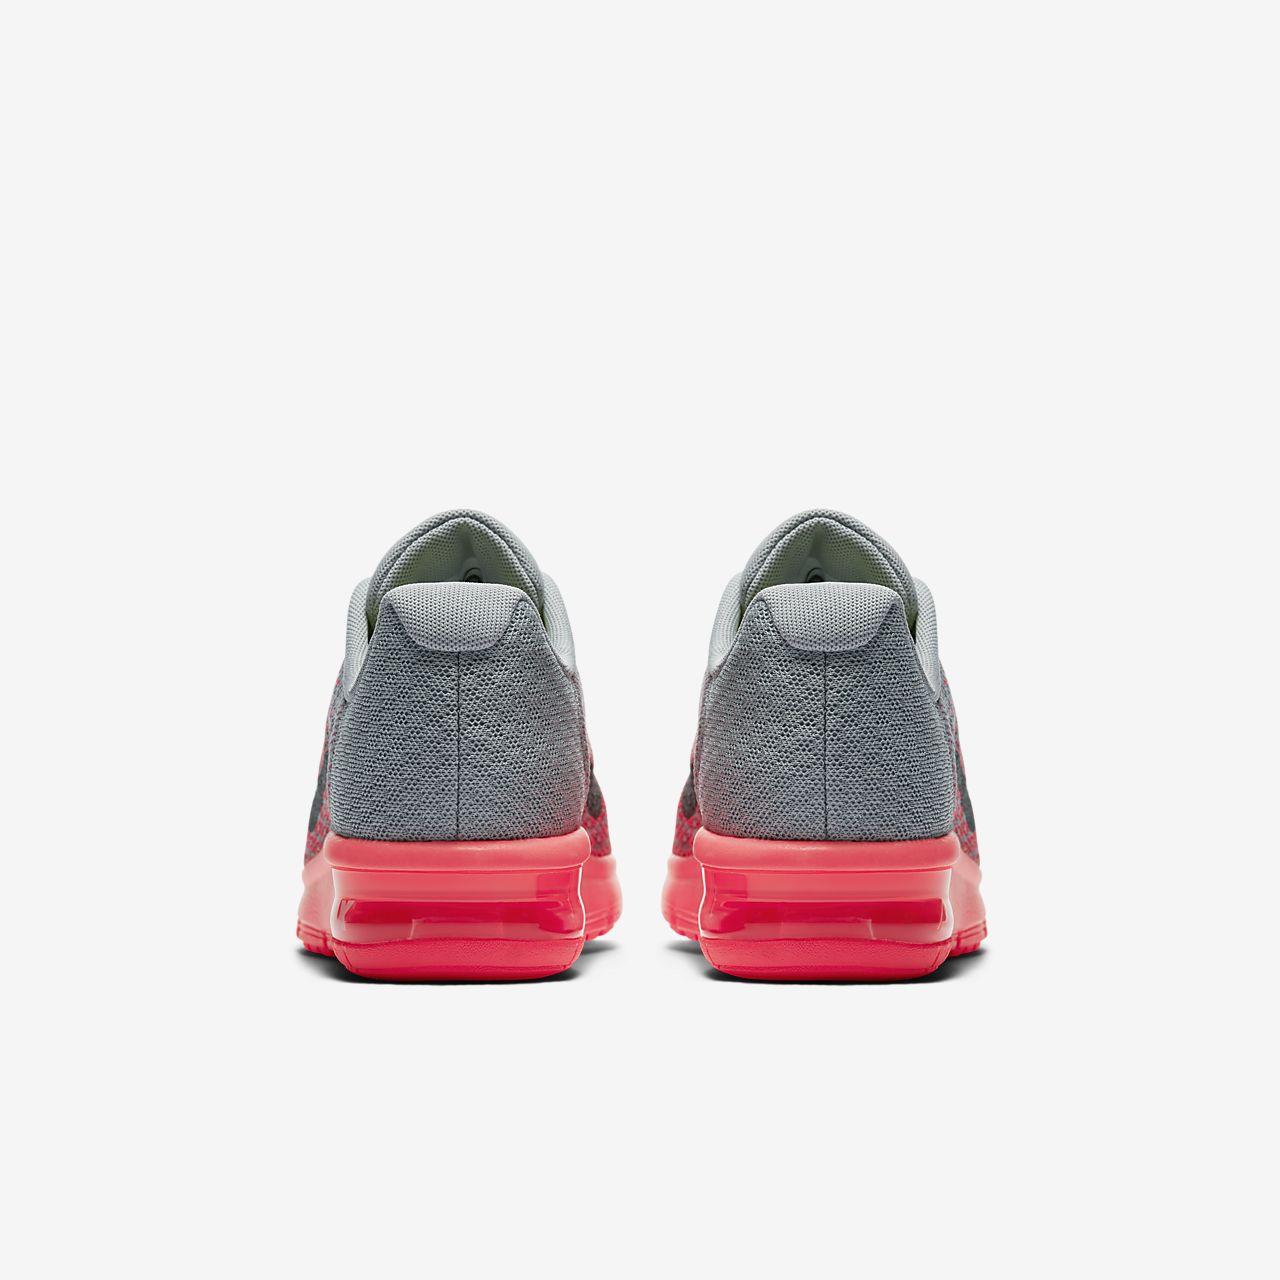 carga Torpe taquigrafía  Calzado de running para niños talla grande Nike Air Max Sequent 2 ...